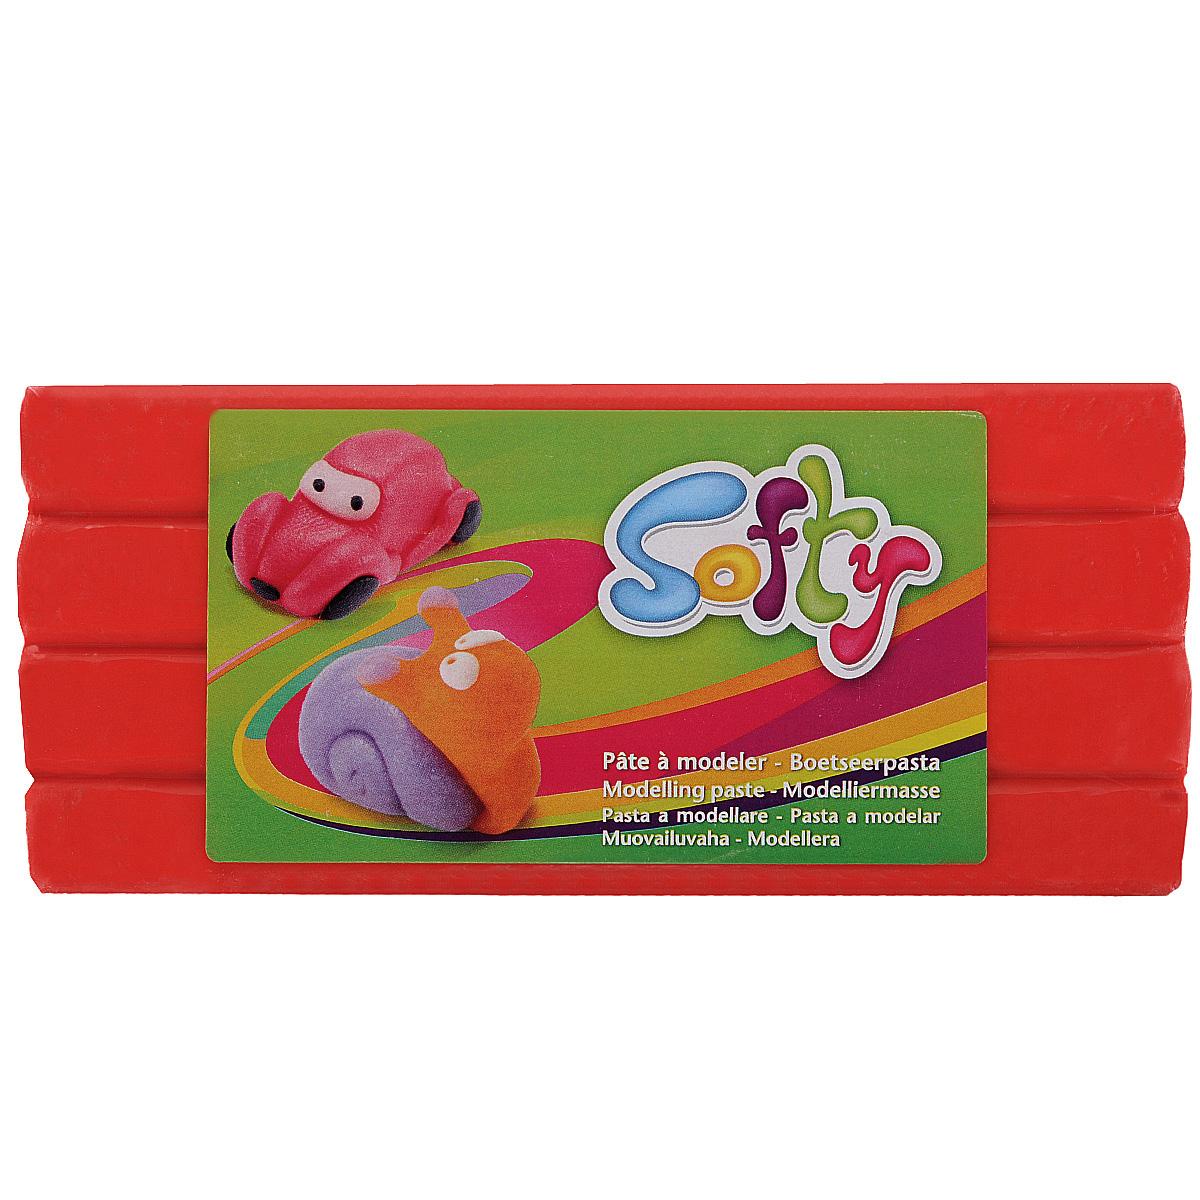 Пластилин Softy, цвет: красный (400), 500 г281037Цветная масса (пластилин) Softy на восковой основе является идеальнымвариантом материала для лепки. Высокая пластичность позволяет изготавливатьочень тонкие детали. Цвета хорошо смешиваются между собой. Пластилин не липнетк рукам, не окрашивает их, не сохнет на воздухе. Благодаря натуральной основе,безопасен при проглатывании. Хорошо развивает мелкую детскую моторику, а такжевосстанавливает подвижность пальцев и кистей рук у взрослых. Предназначен для детей старше 3 лет.